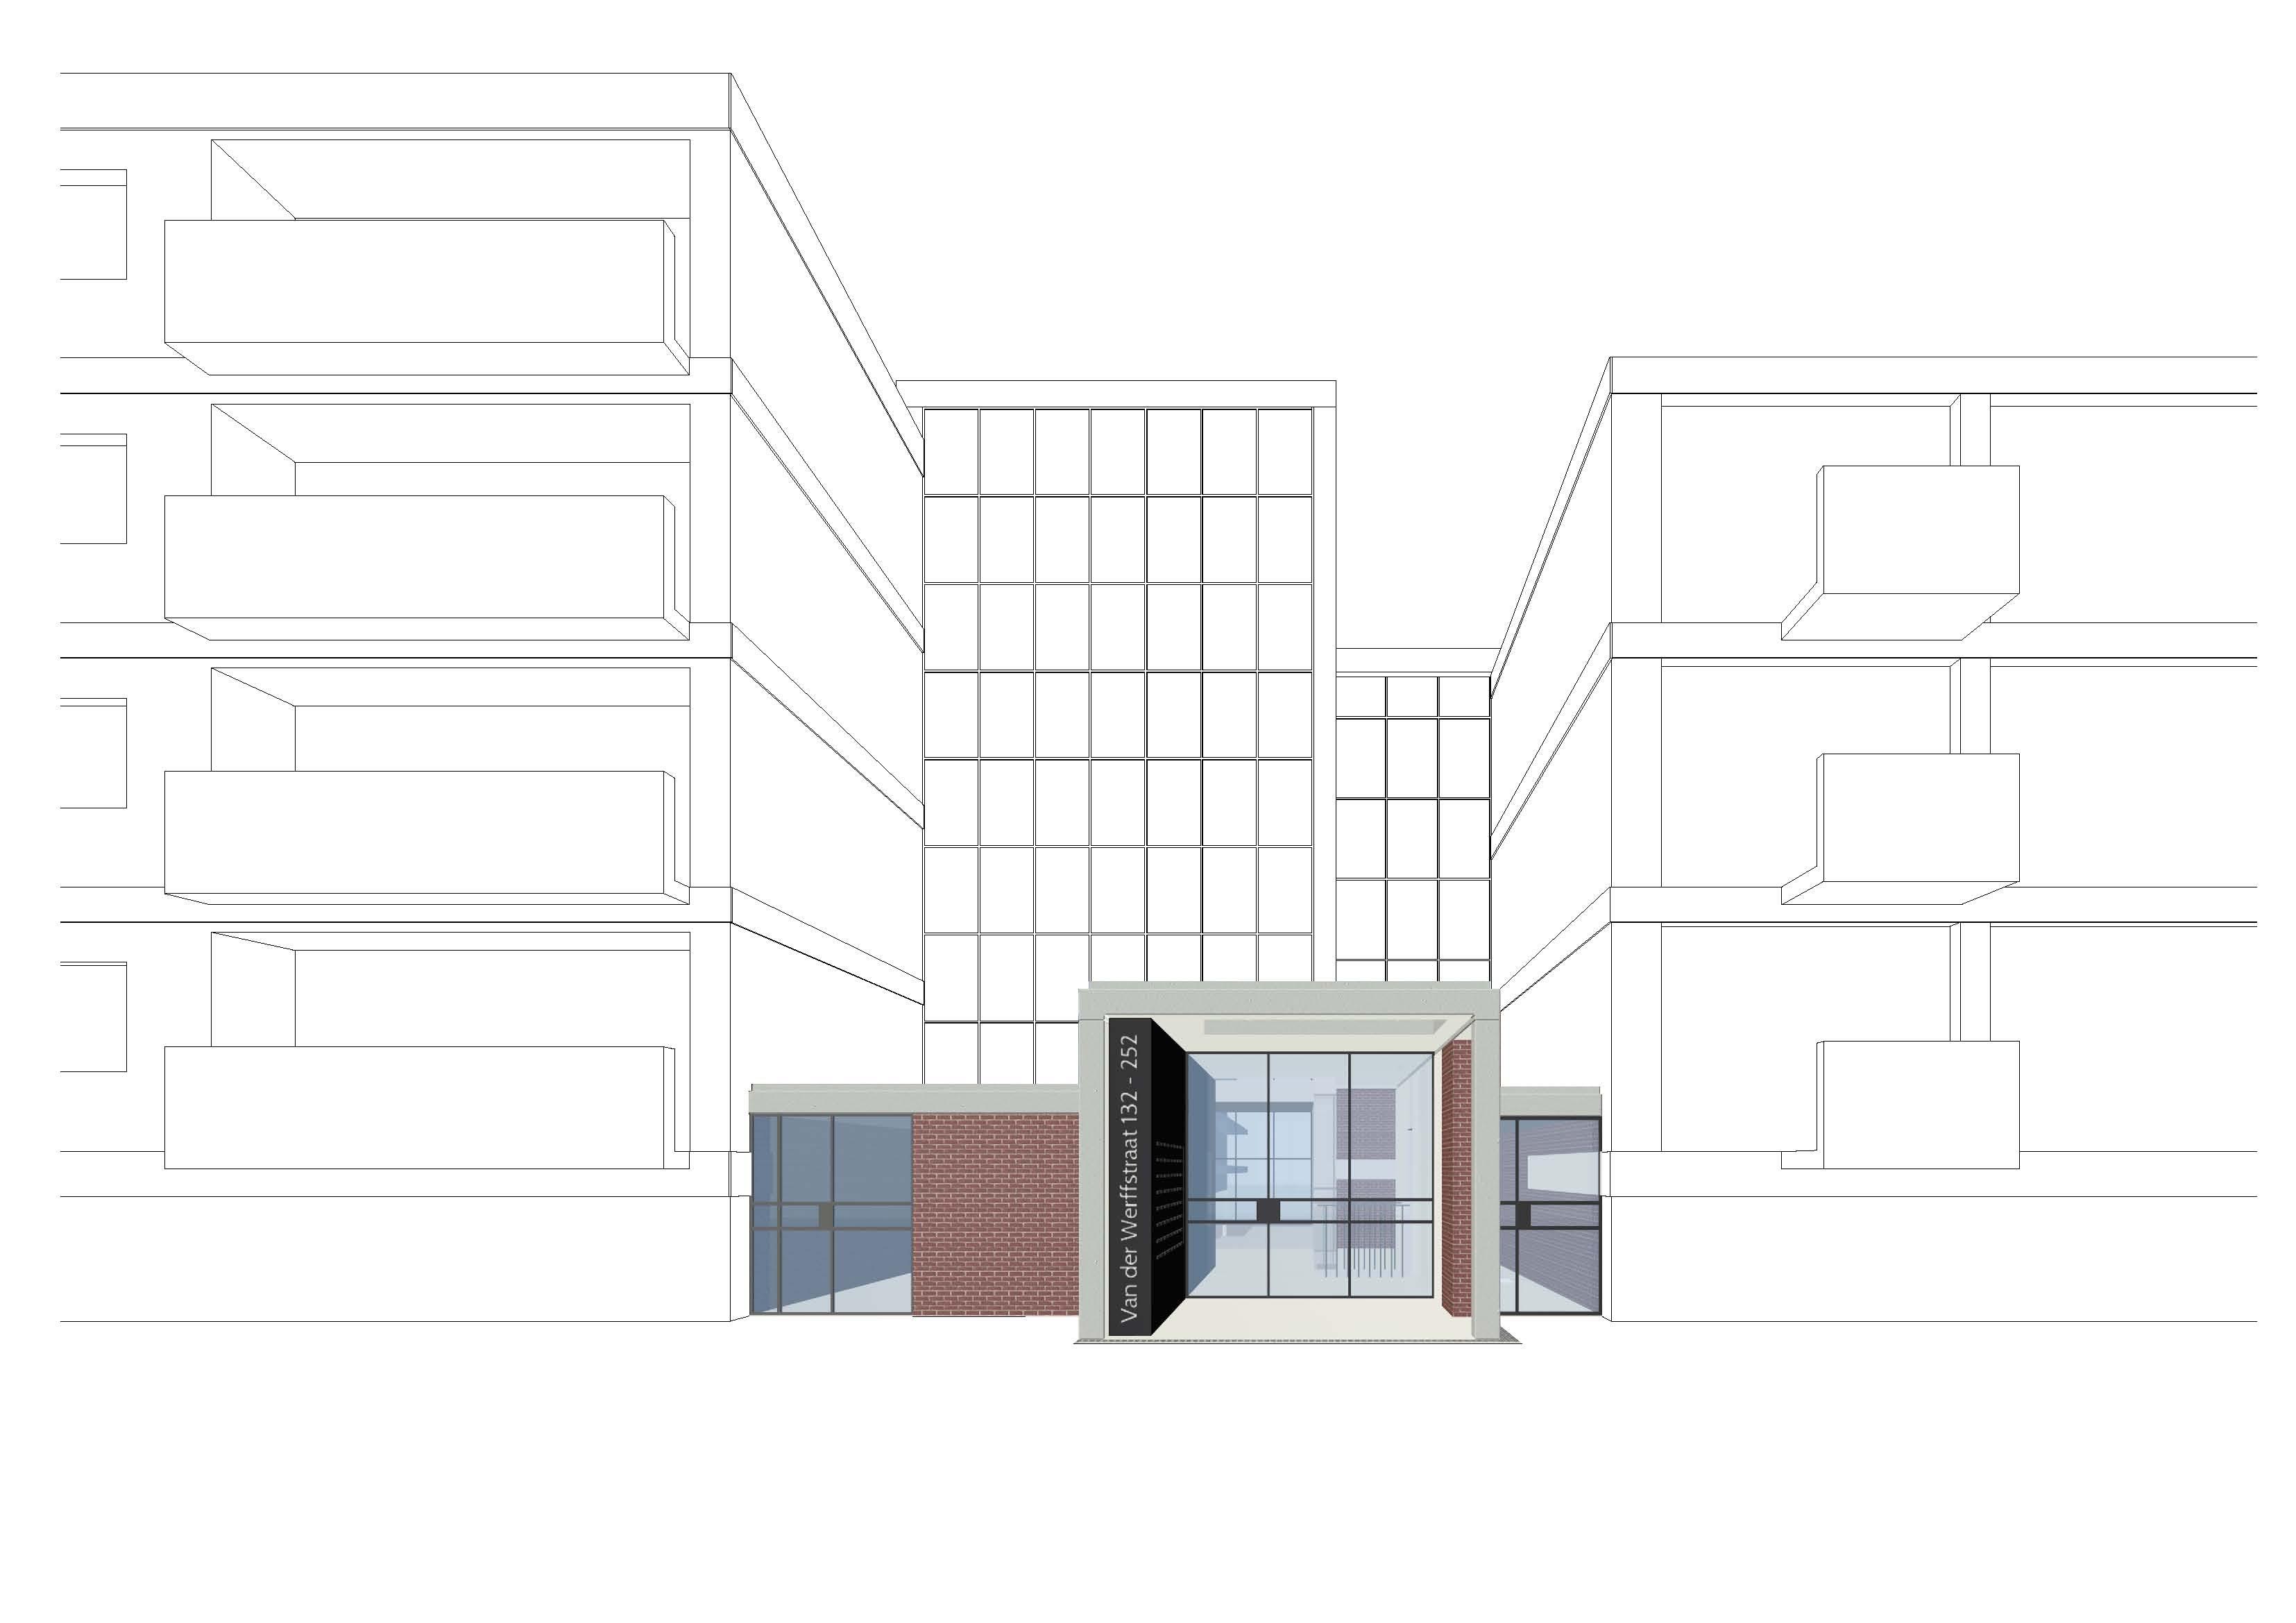 Adriaan jurri ns architecten den haag definitief ontwerp renovatie entreehal en trappenhuis - Hal entreehal ...